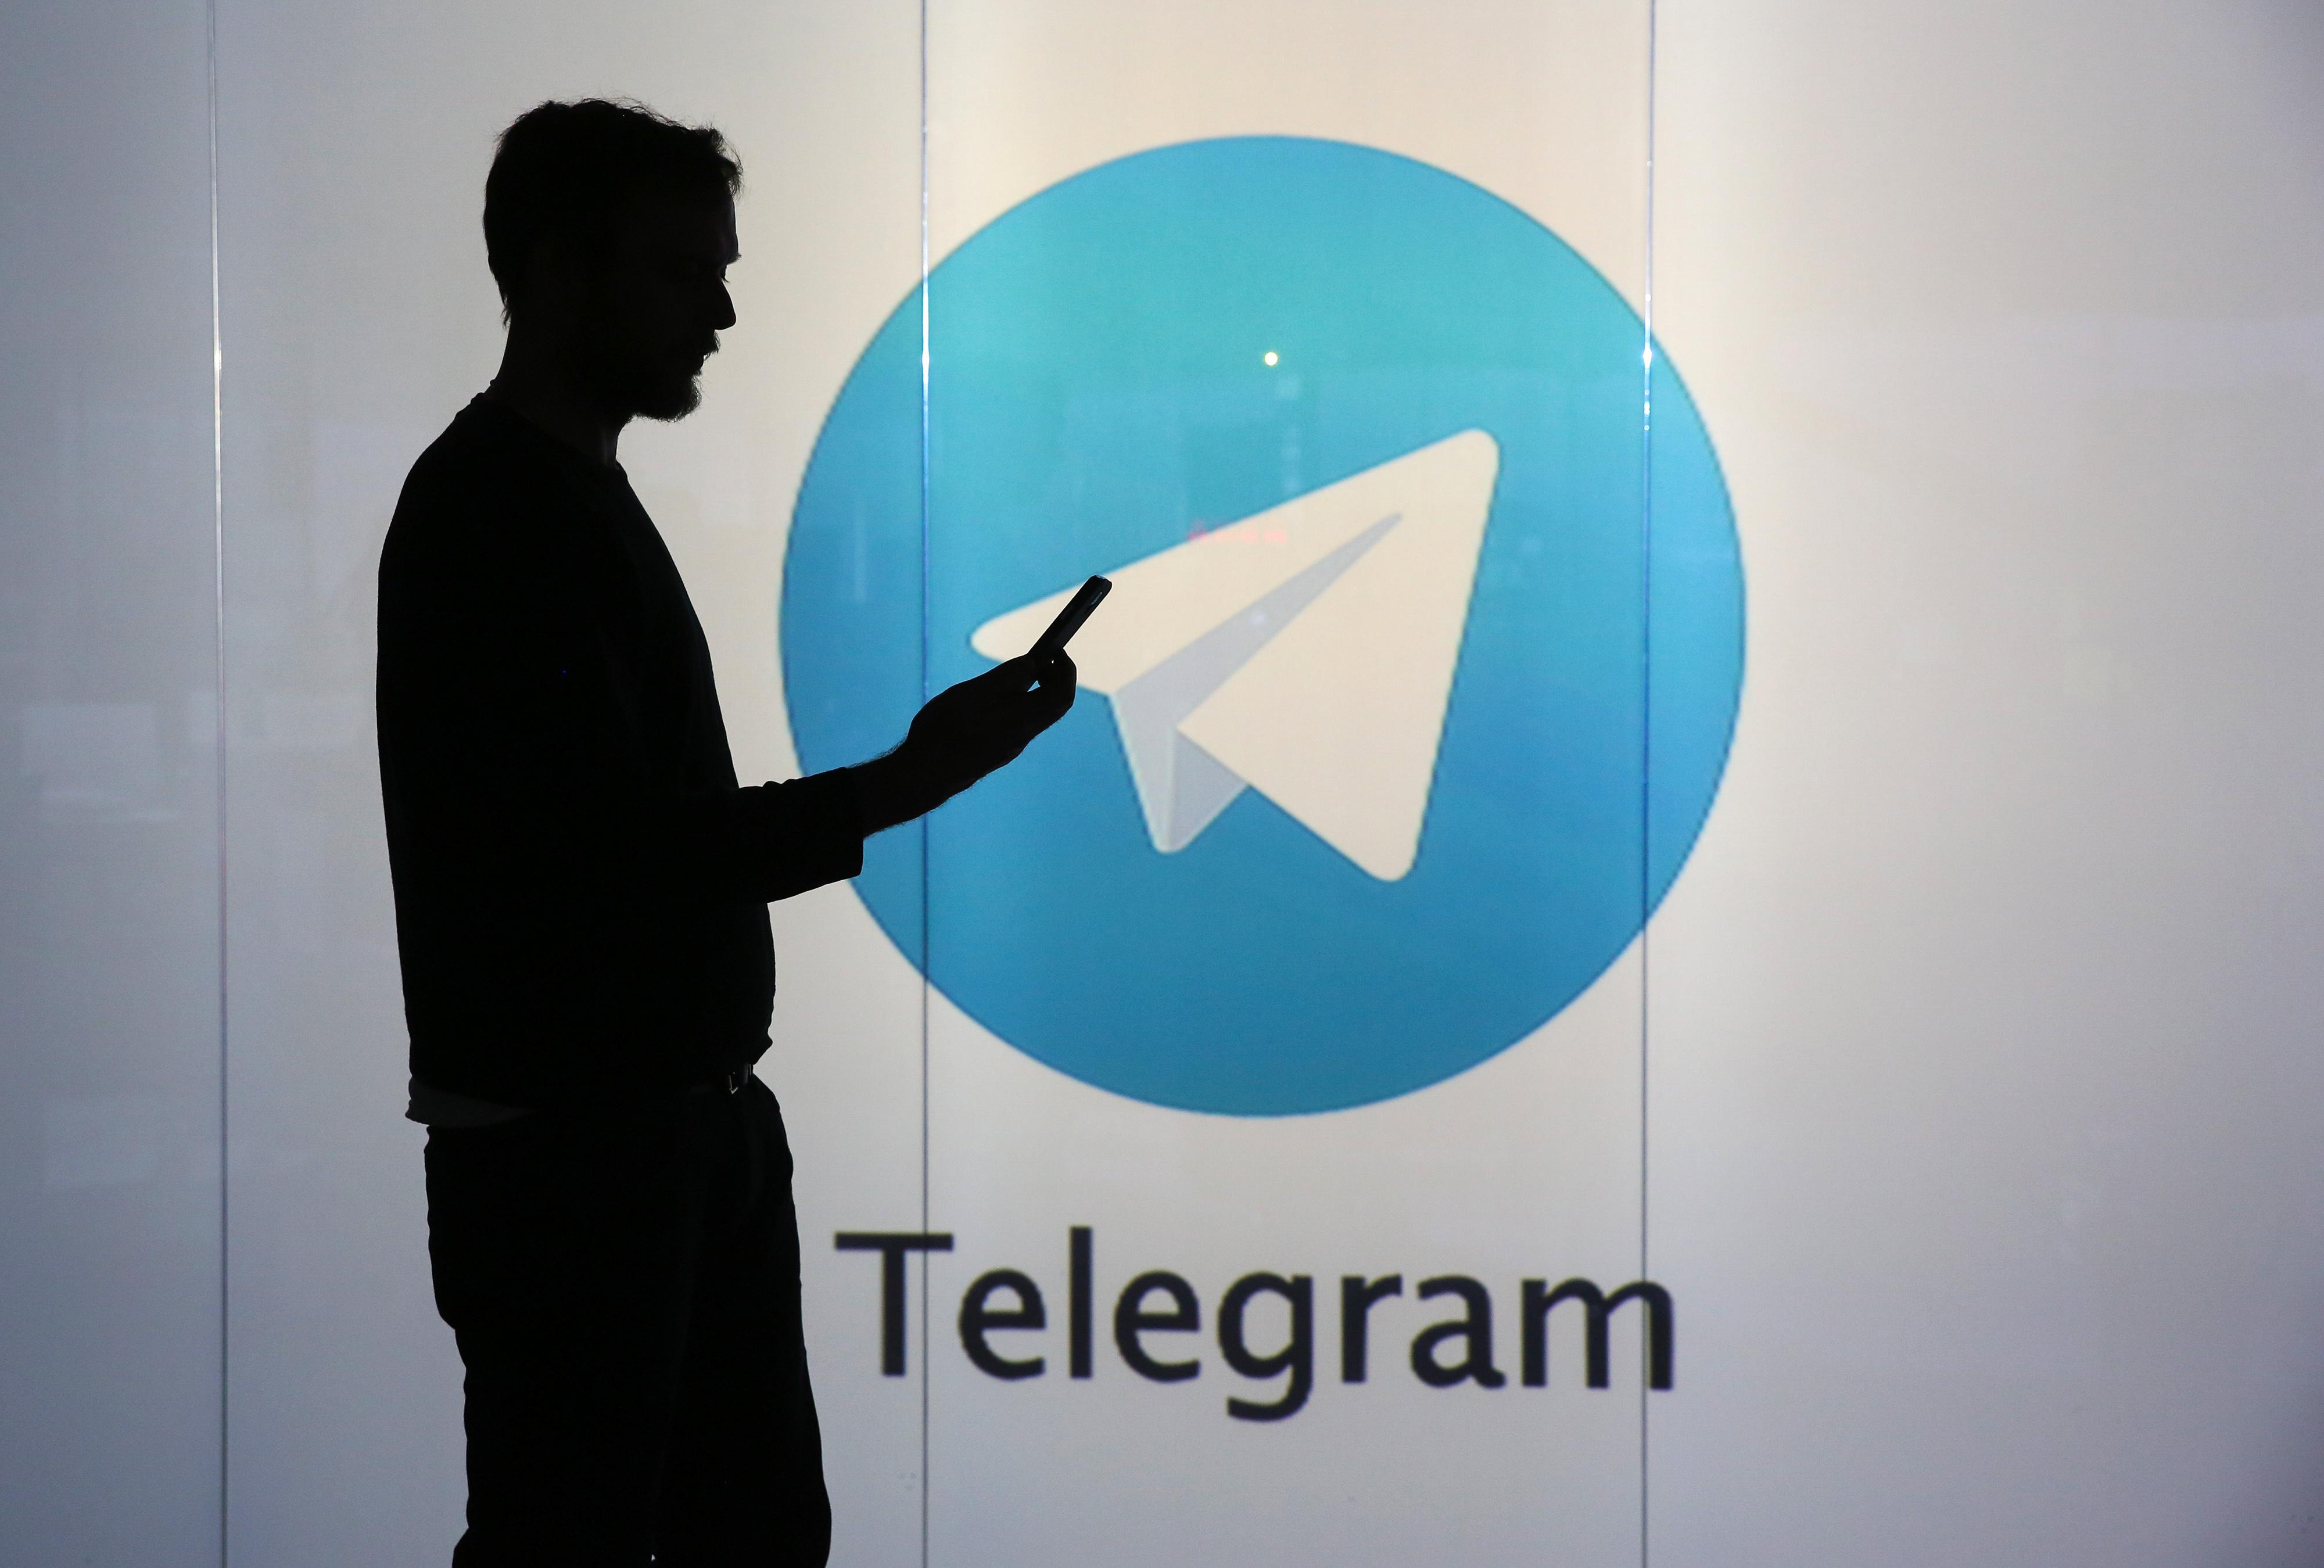 مسدود کردن تلگرام، نقض یکی از حقوق بنیادین شهروندان/ محمد مقیمی